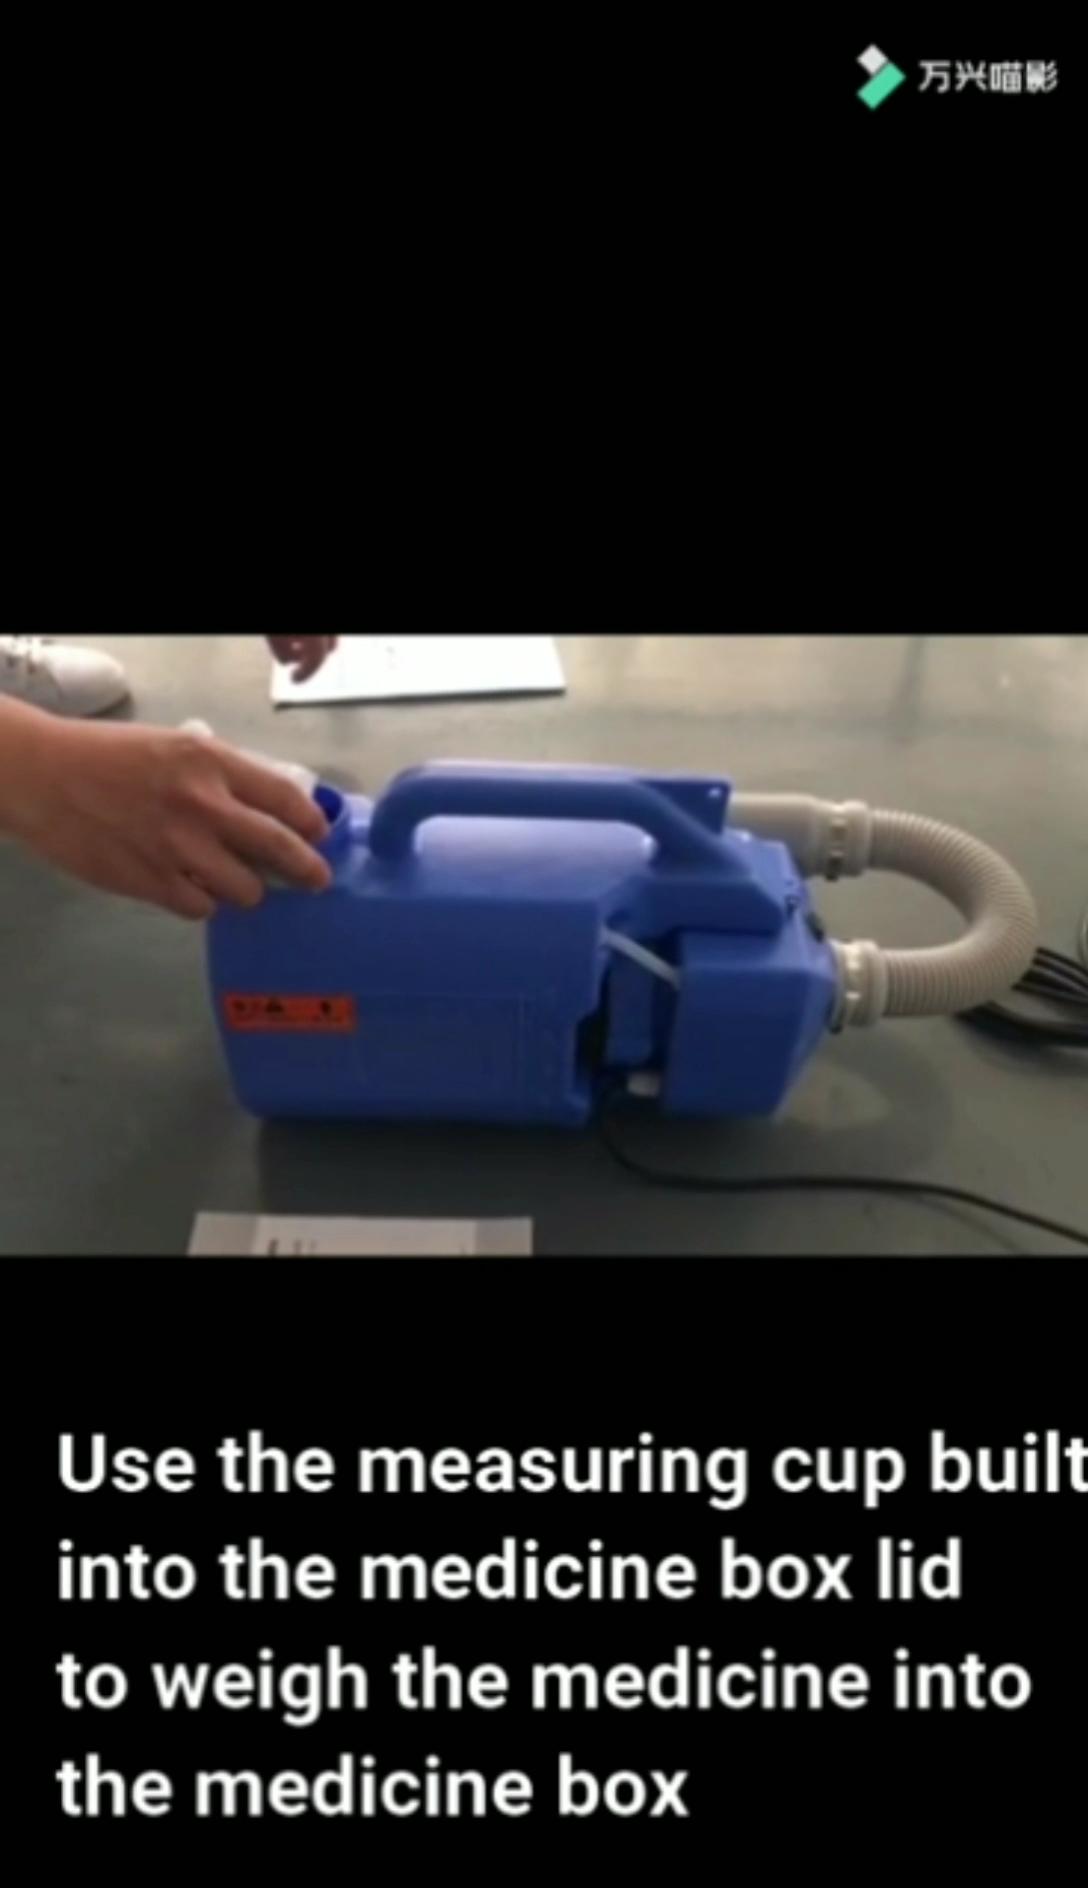 Vente chaude sac à dos agriculture désinfection professionnelle pulvérisateur froid machine brouillard portatif électrique ulv fogger pour l'école